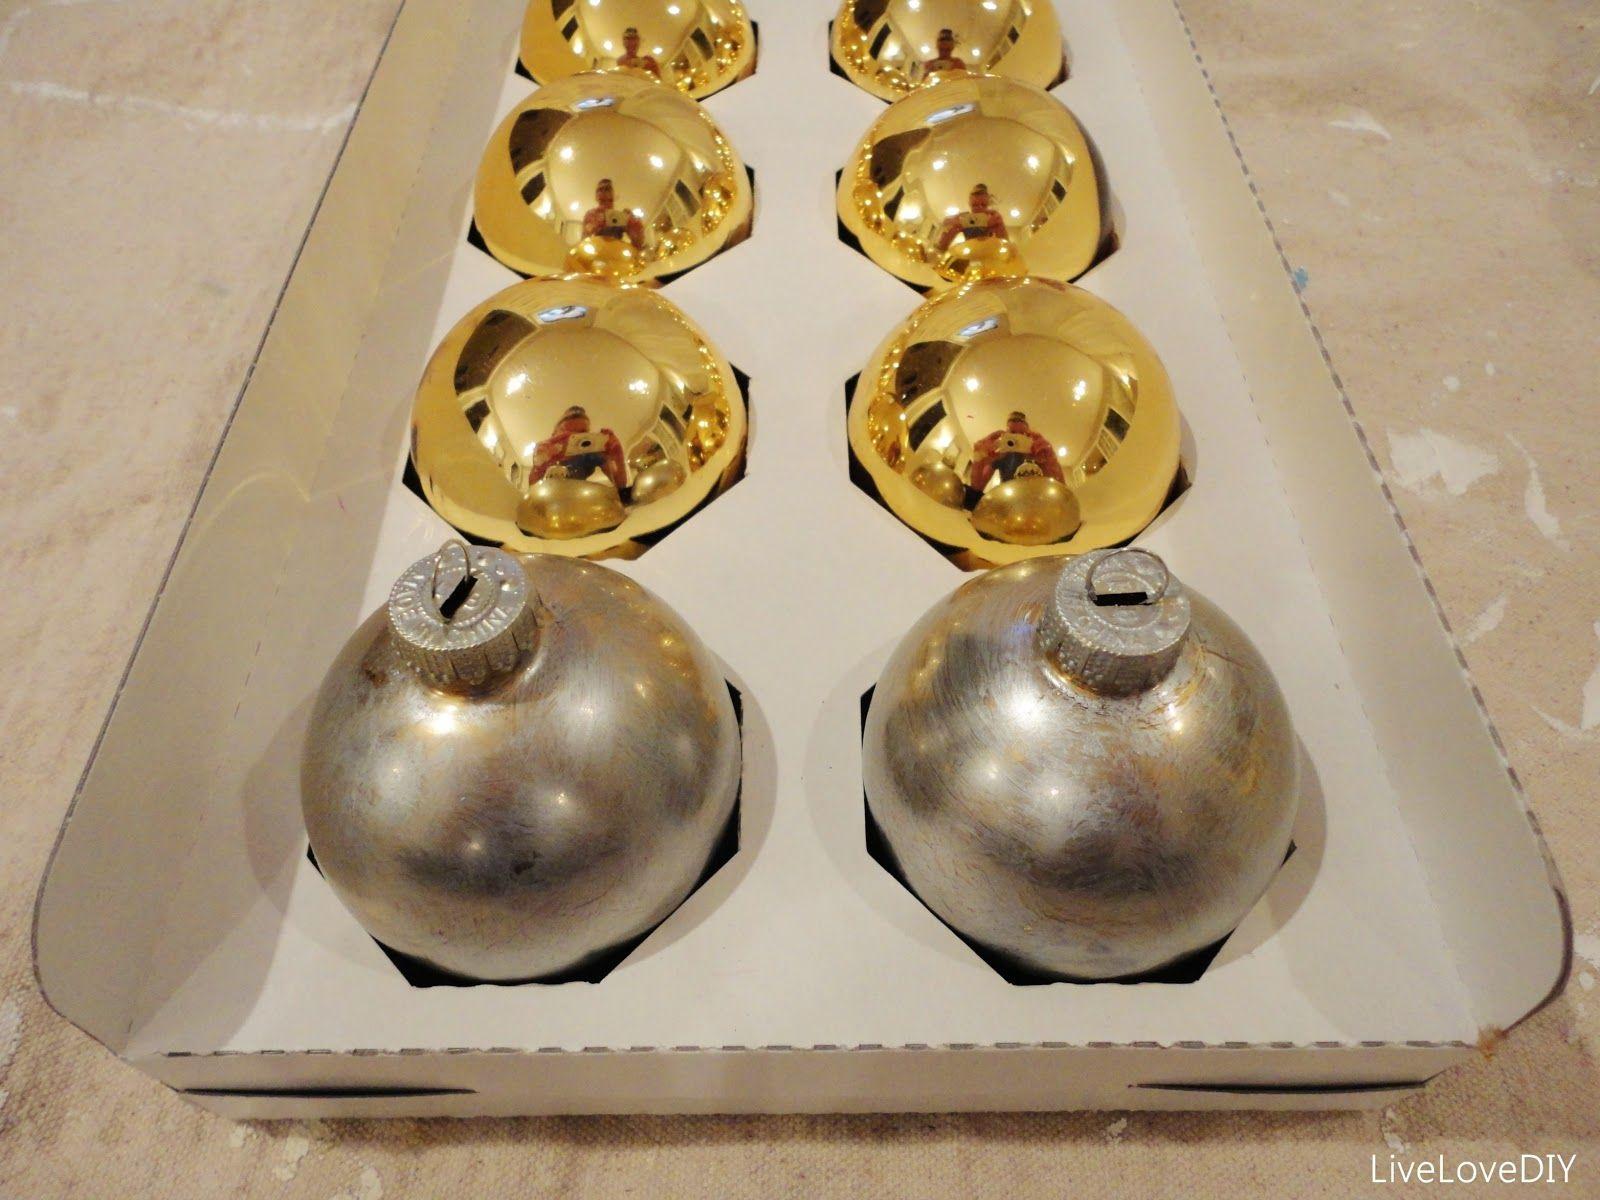 Livelovediy: Diy Christmas Ornaments Ideas Transform Gold Balls Using  Silver Leaf Rub 'n